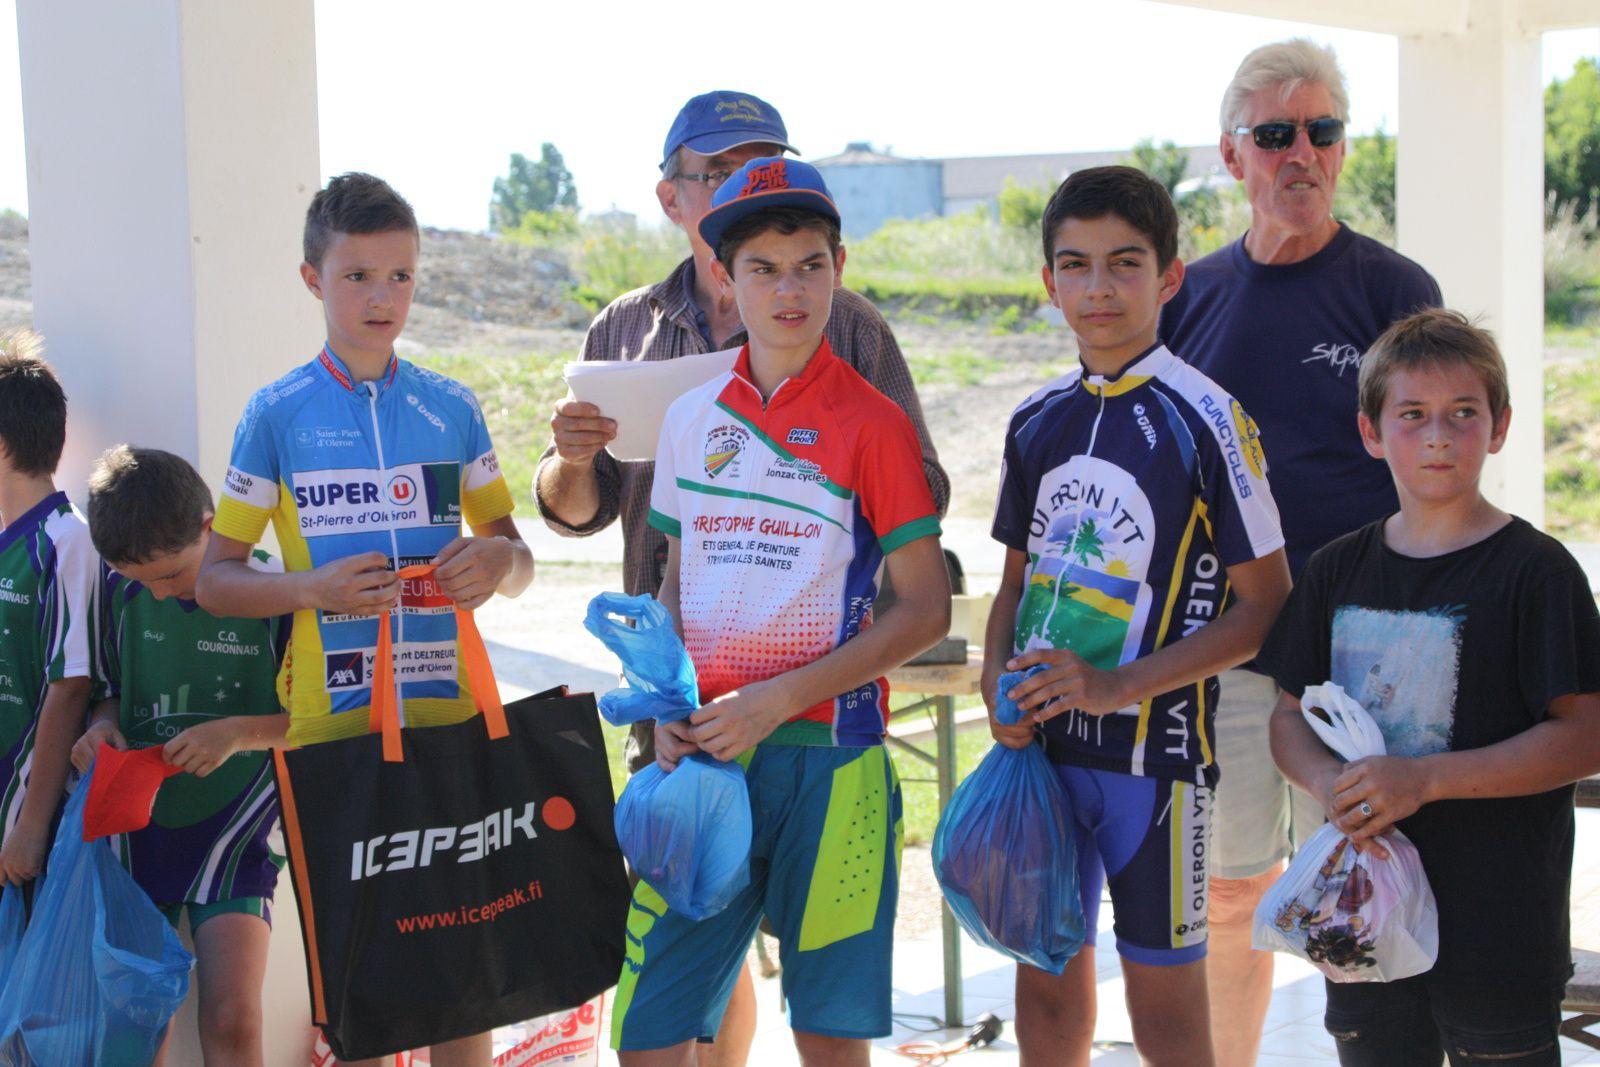 Le  podium  Minimes  avec  Alexis  à  la   2e  place  et  Gabriel  à  la  5e